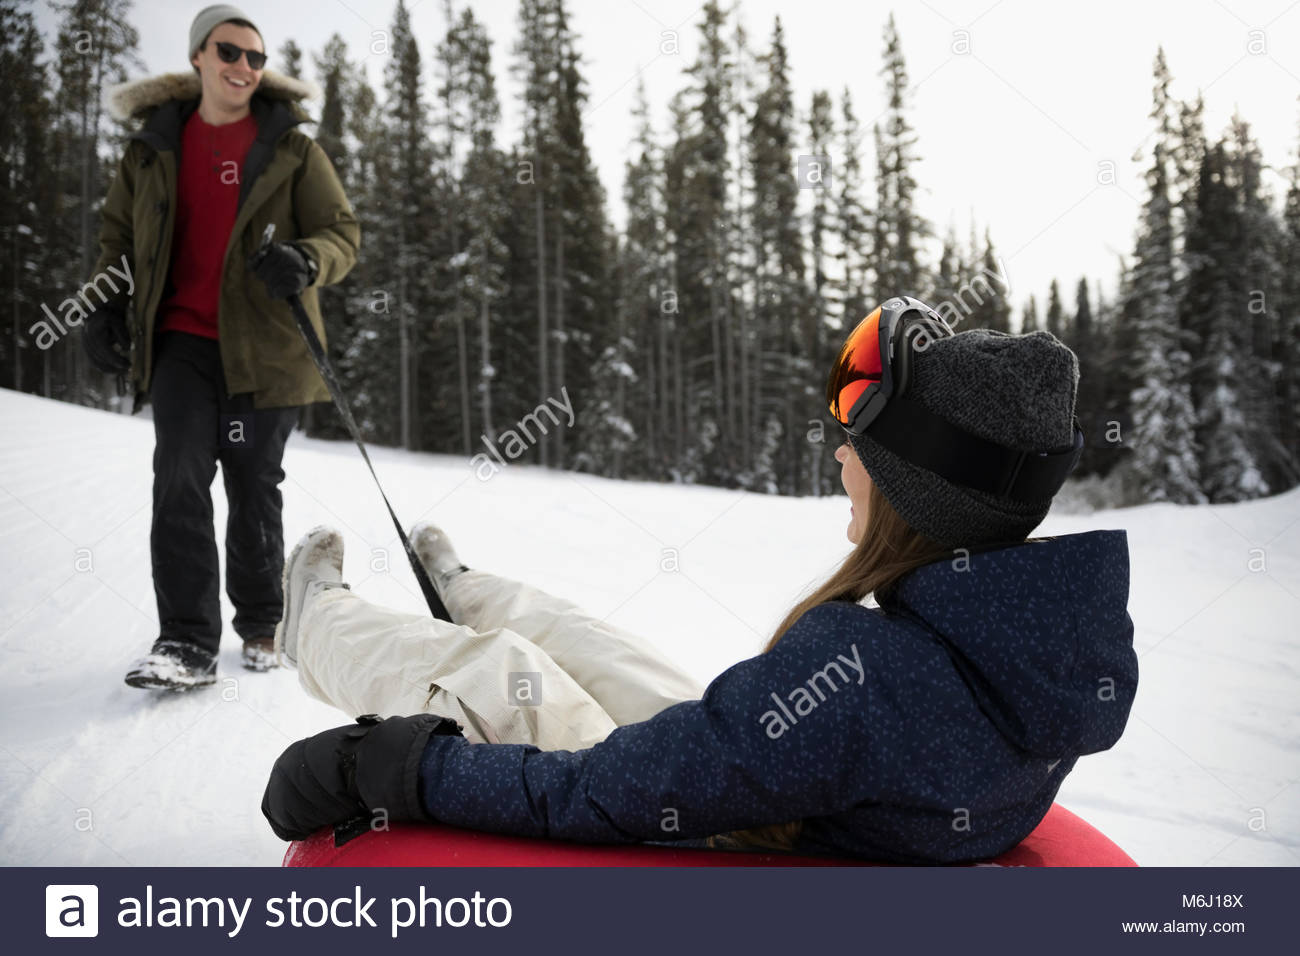 Copain copine tirant dans le tube intérieur dans la neige Photo Stock